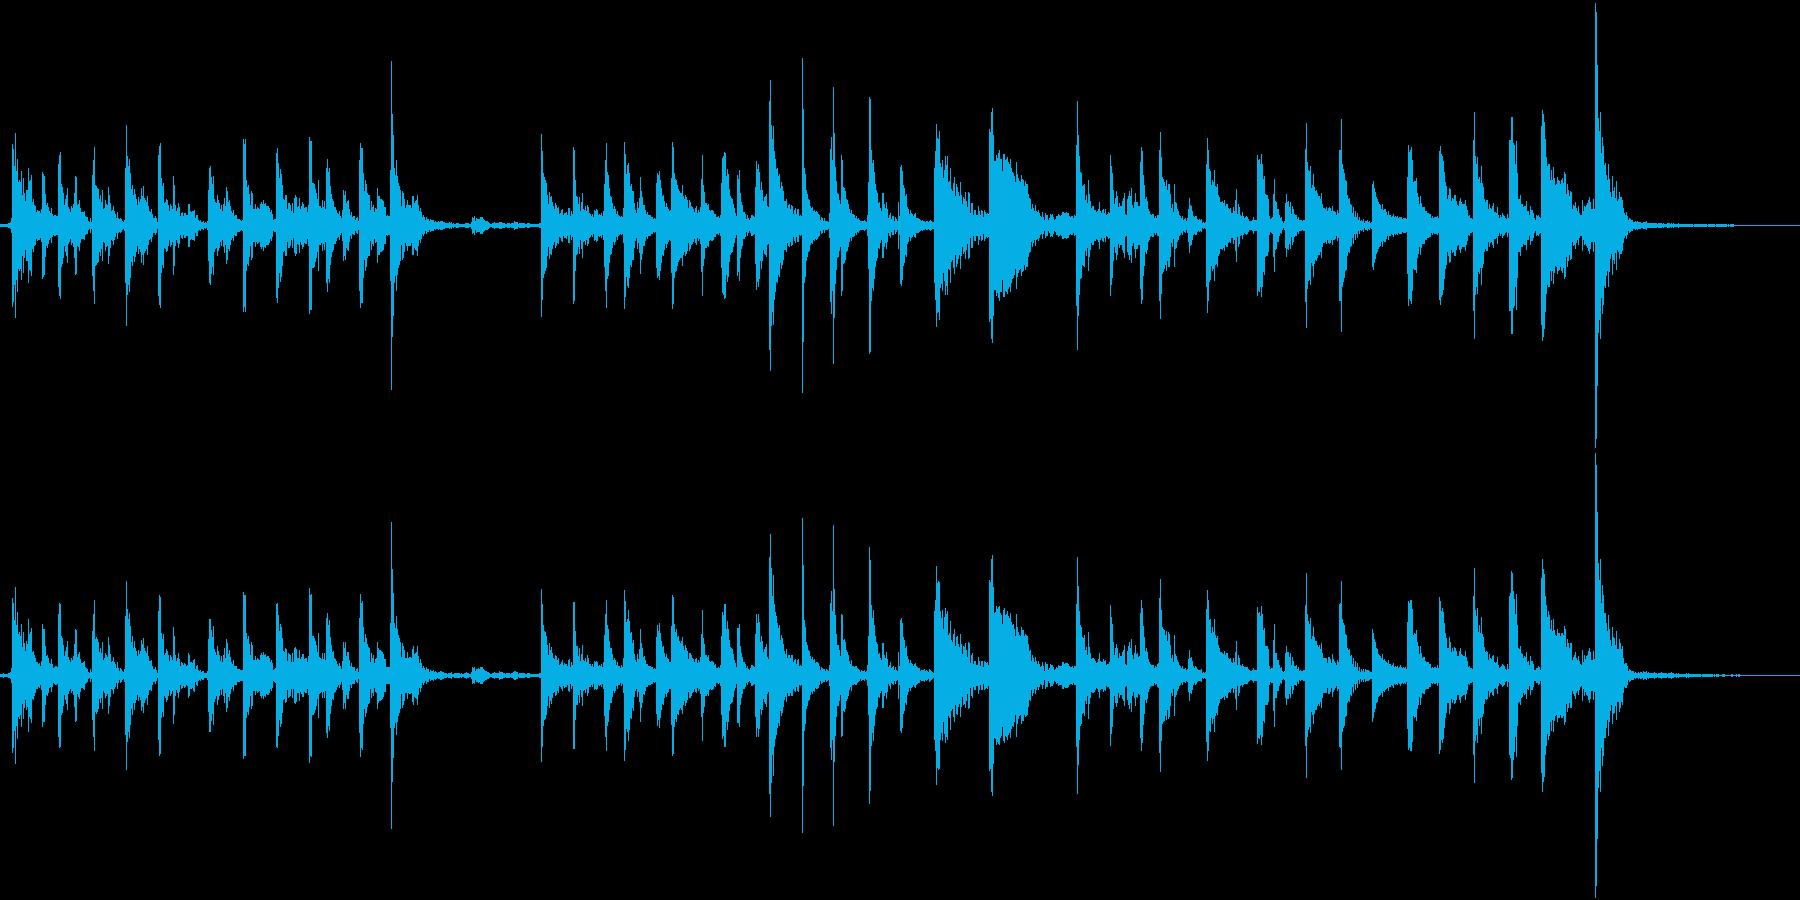 パーカッシブなギター2の再生済みの波形